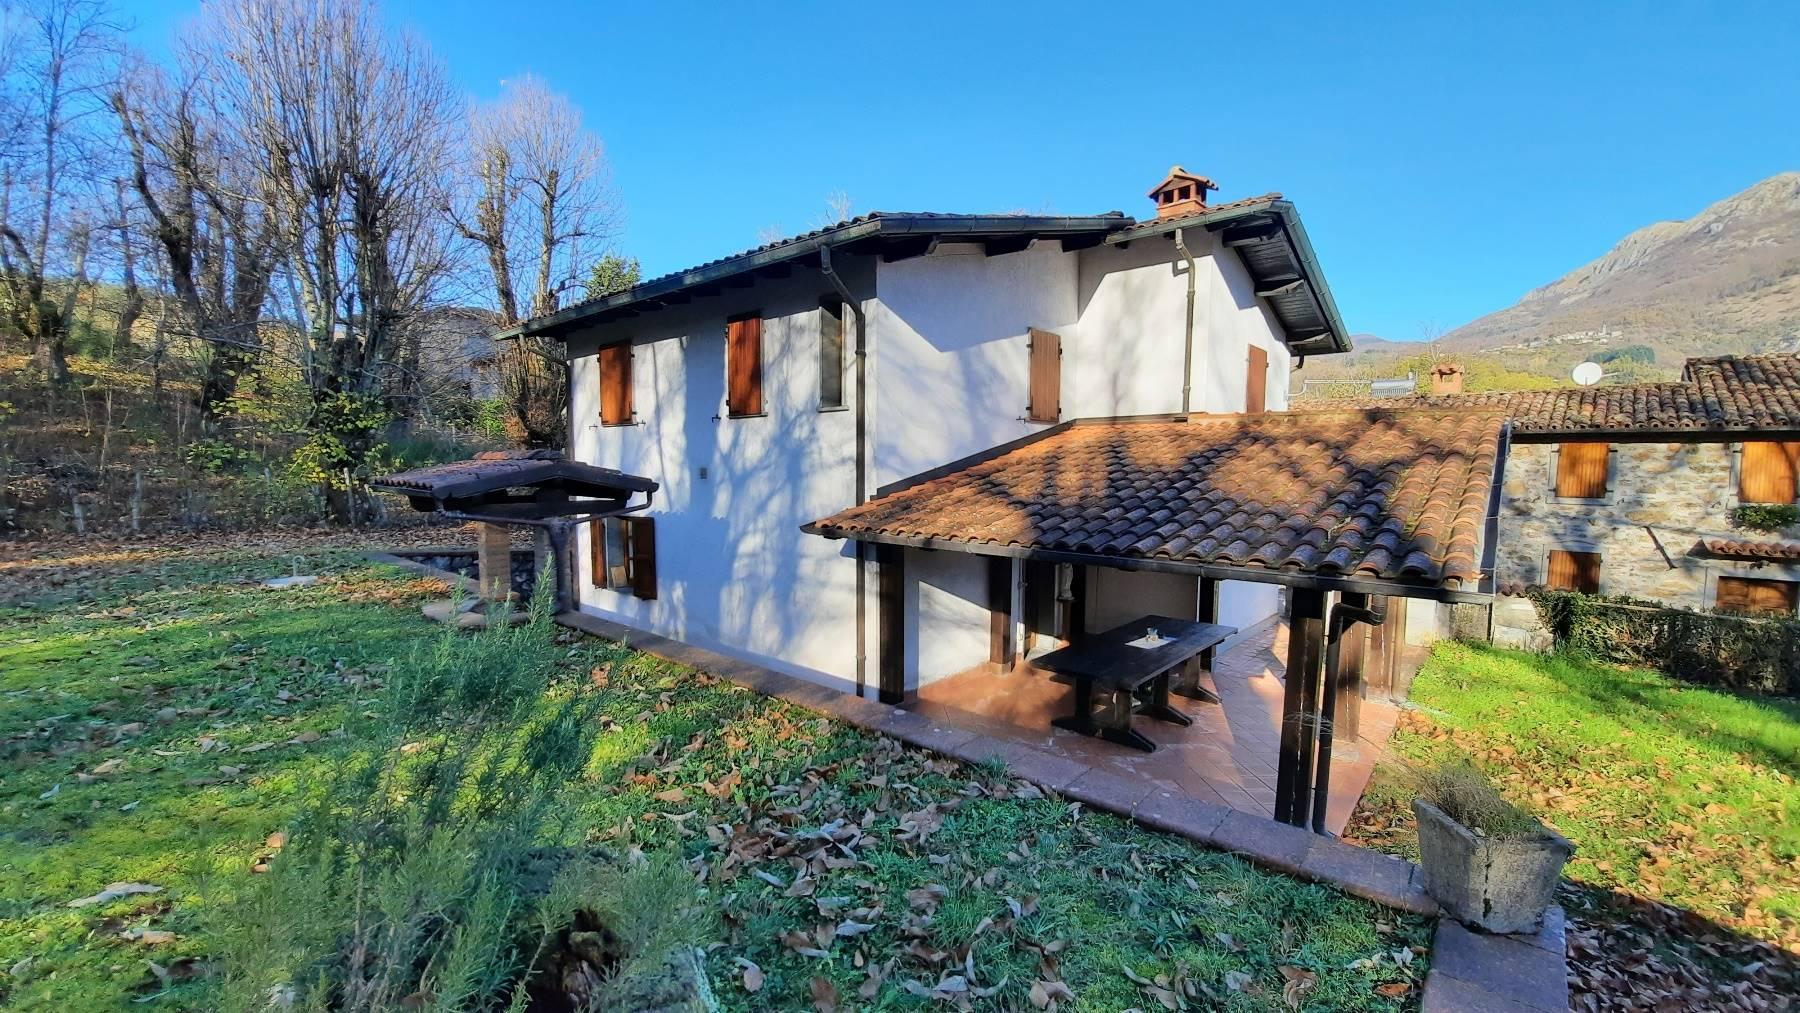 Soluzione Indipendente in vendita a Villa Collemandina, 7 locali, prezzo € 210.000 | CambioCasa.it